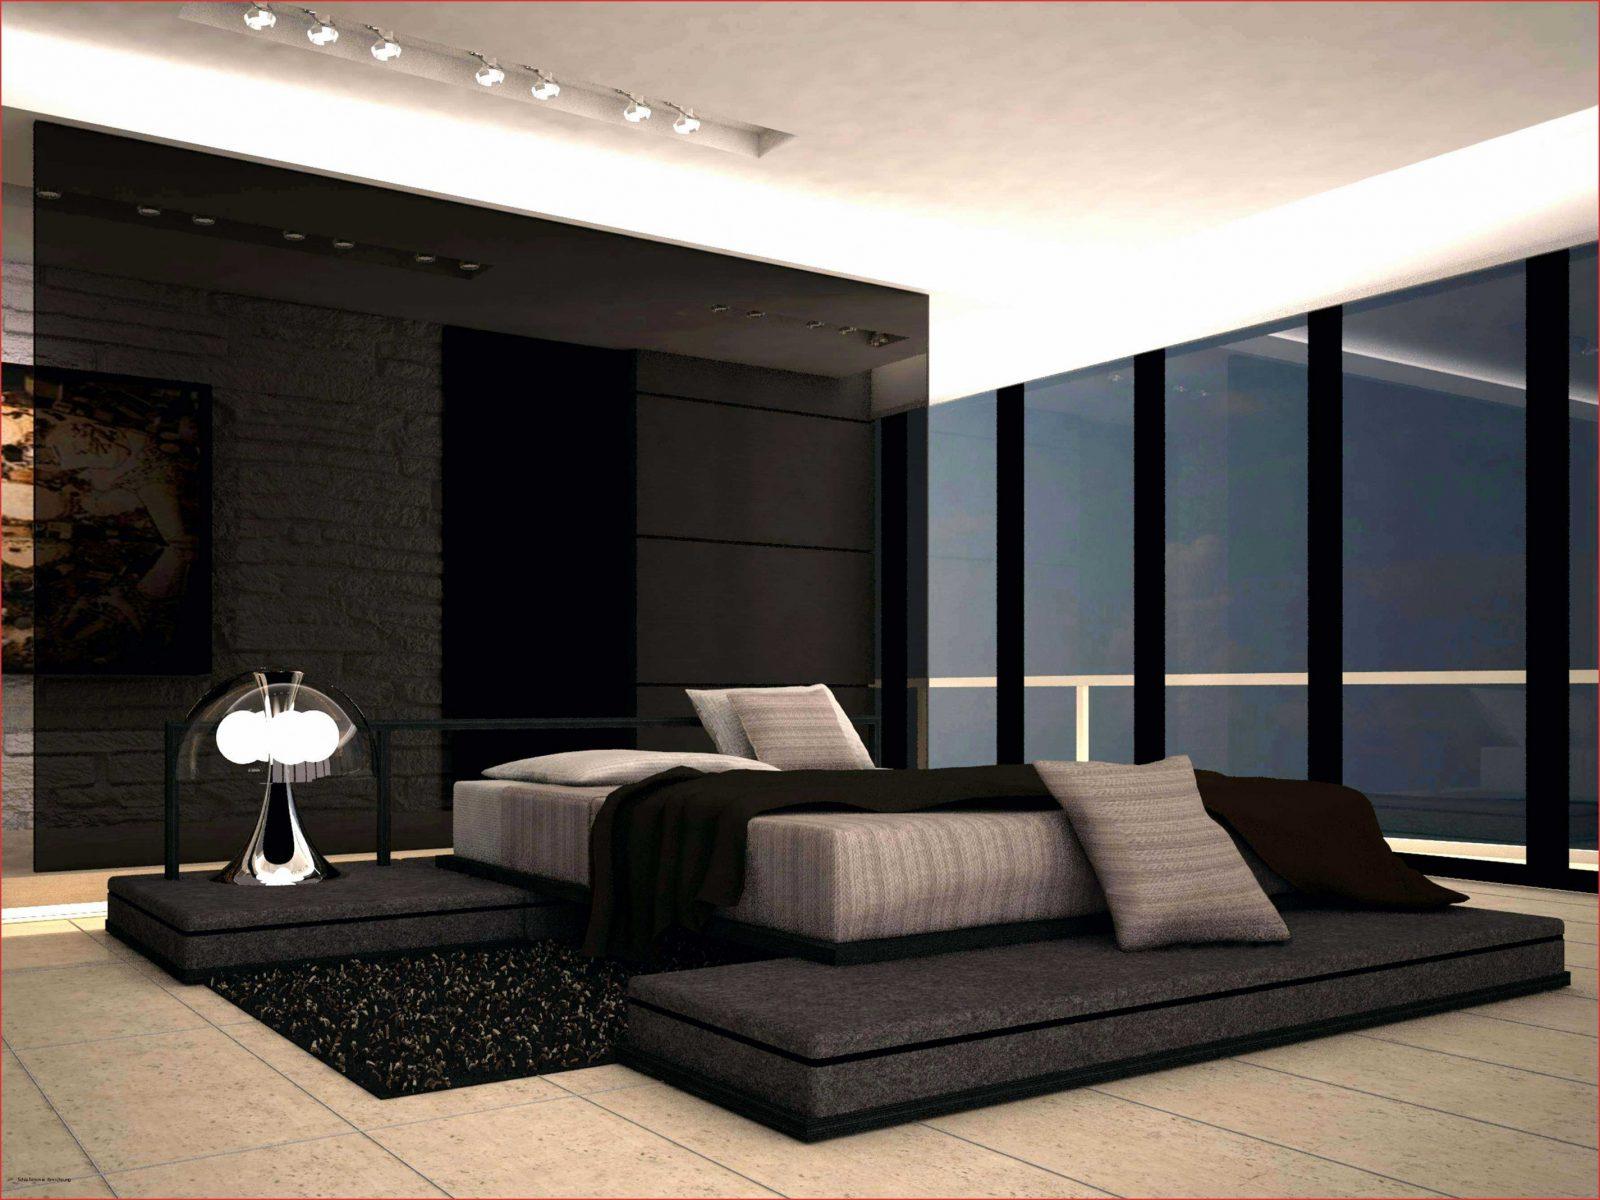 37 Luxus Von Schlafzimmer Einrichten Ideen Konzept von Schlafzimmer Einrichten Ideen Photo